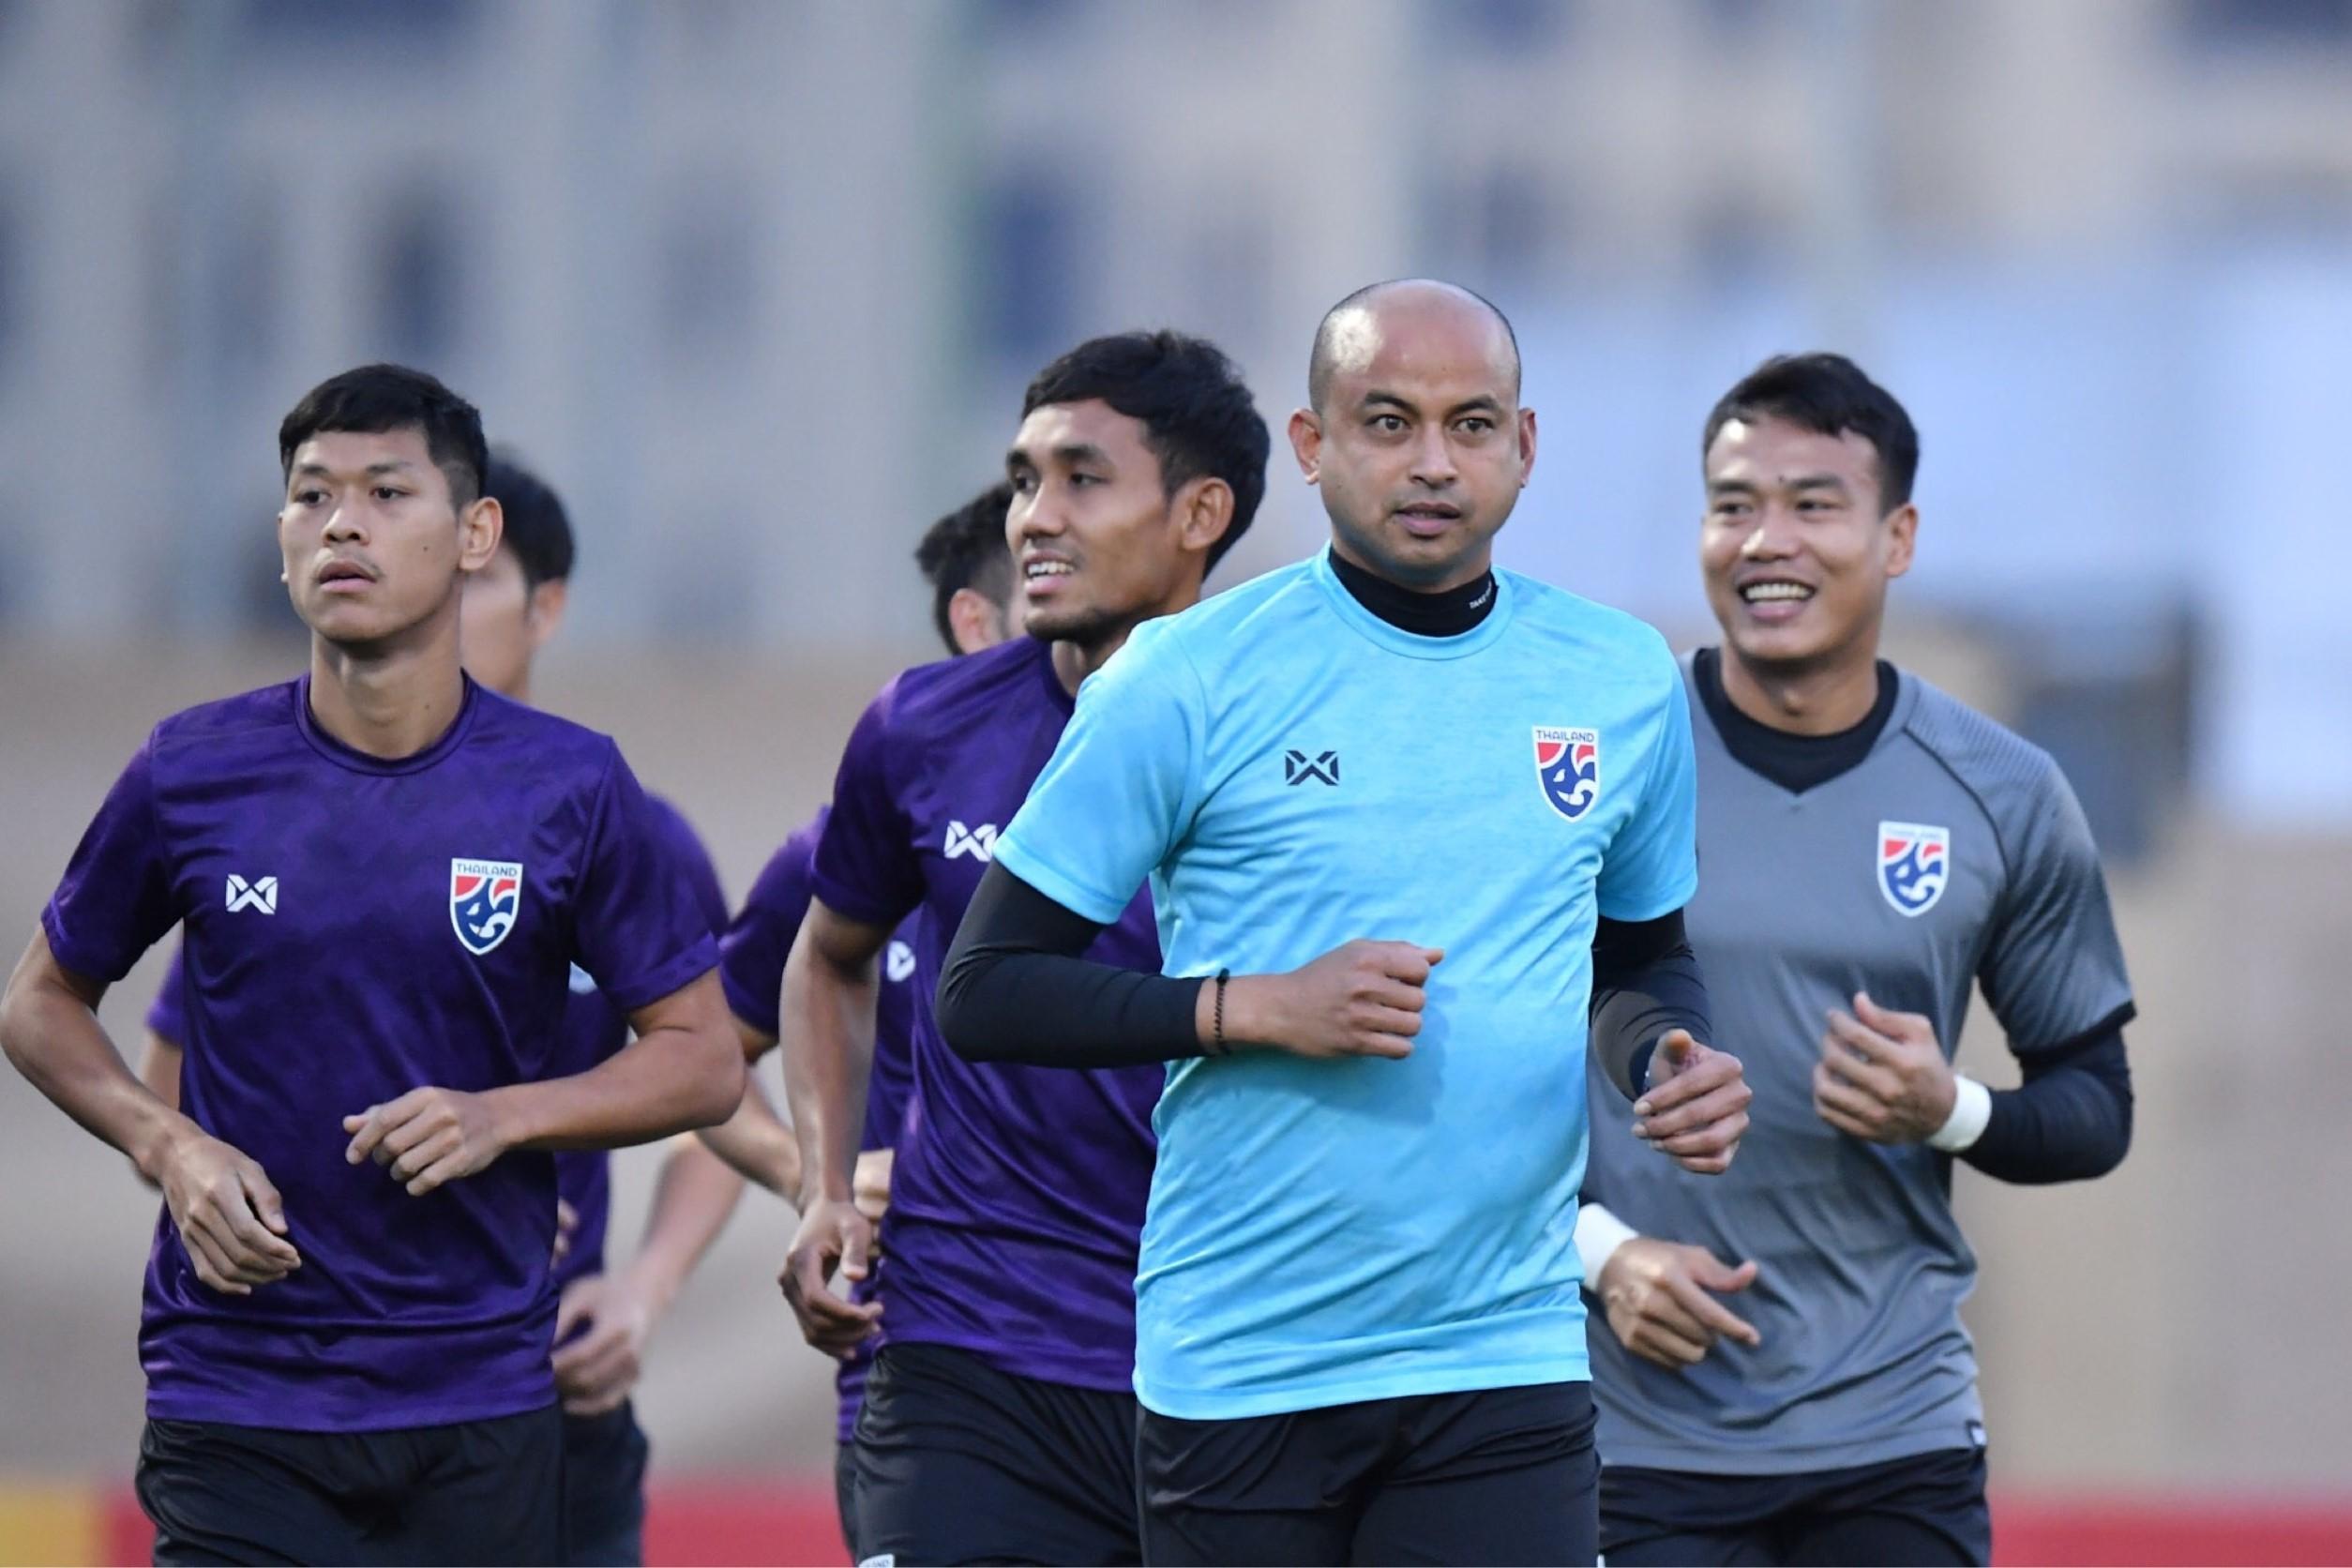 ทีมชาติไทย ศิริศักดิ์ ยอดญาติไทย เอเชียนคัพ 2019 โชคทวี พรหมรัตน์